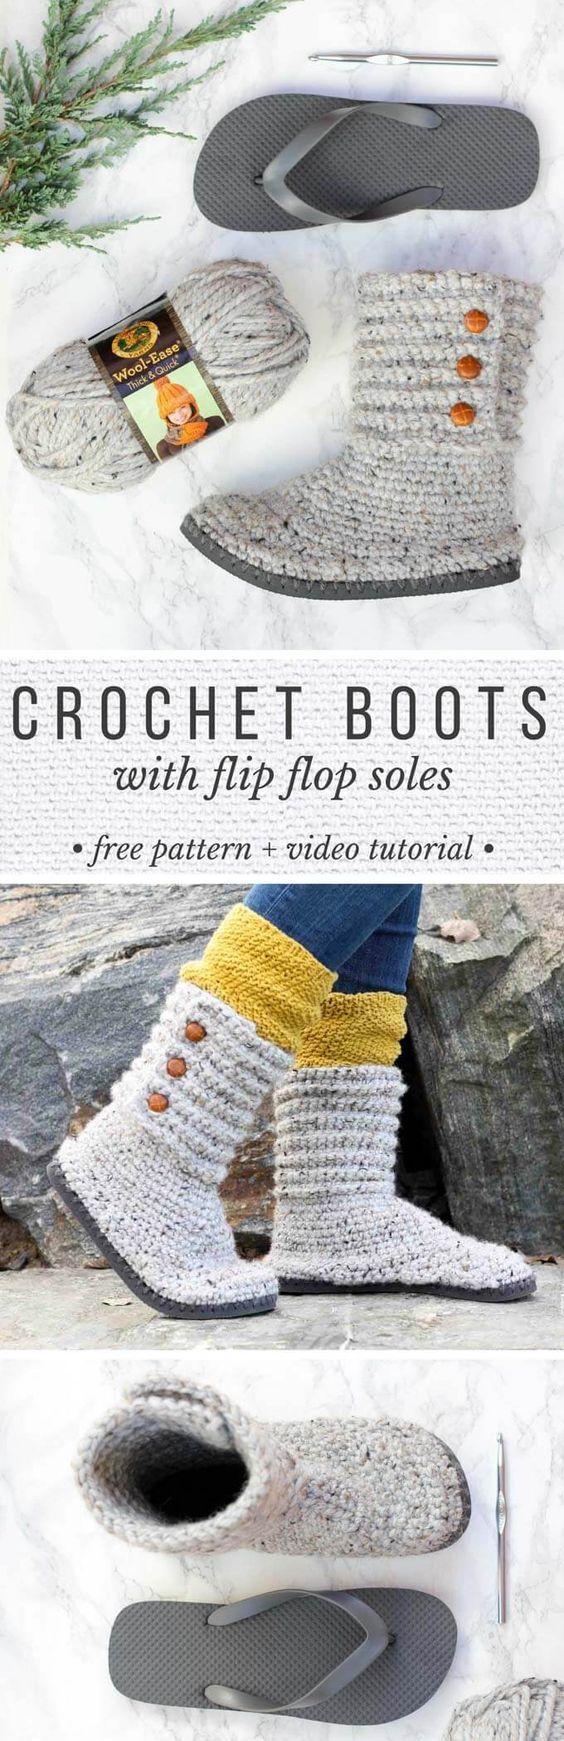 Diese DIY Häkeln Stiefel mit Flip-Flops für Sohlen machen ausgezeichnete Pantoffeln oder UGG artigen Pullover Stiefel in der Stadt zu tragen. Klicken Sie für die kostenlose Muster und gründliche Video-Tutorial. Diese machen einen großen Häkeln Weihnachtsgeschenk !: